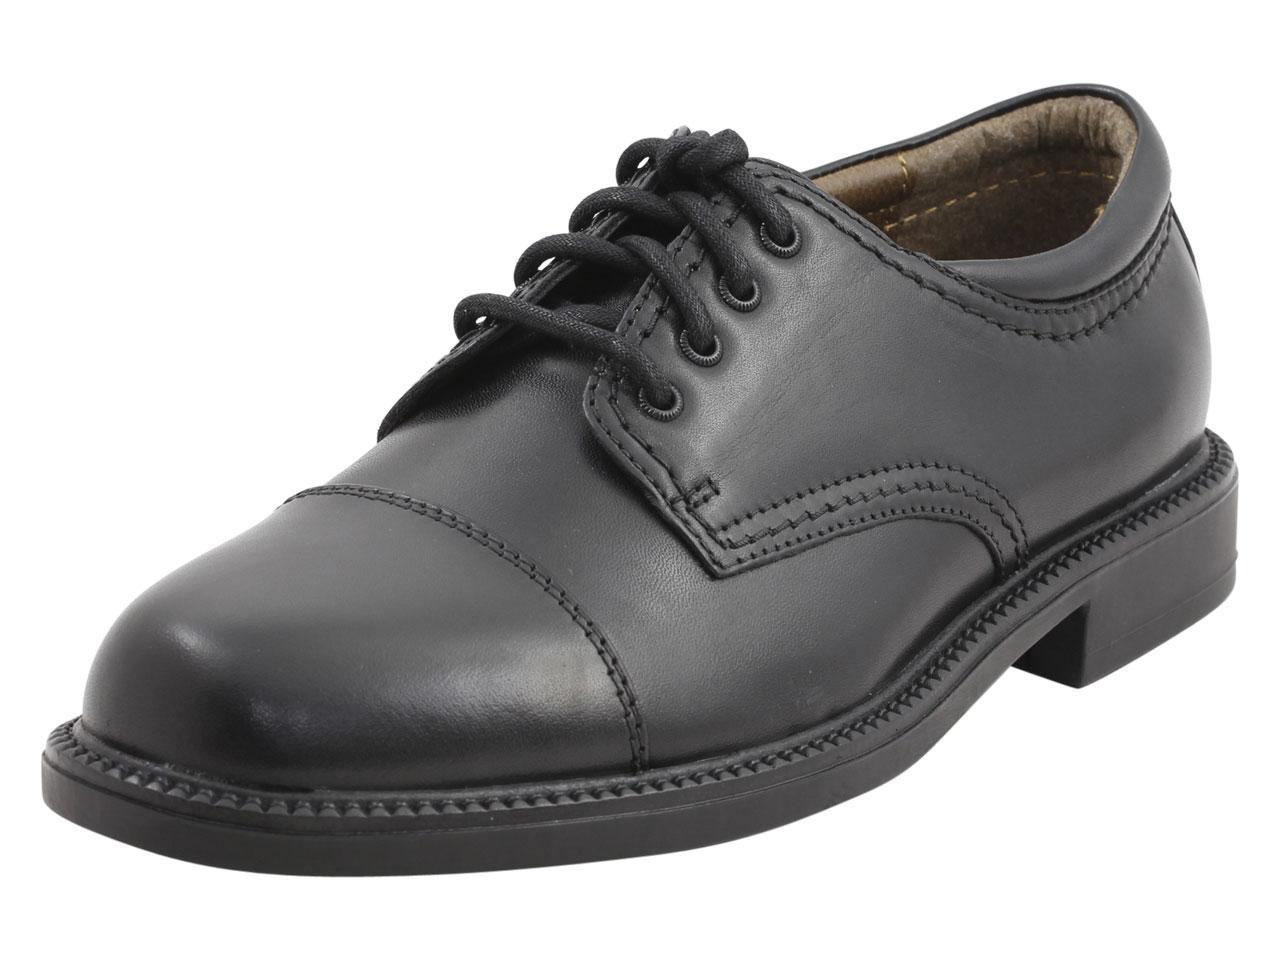 Image of Dockers Men's Gordon Cap Toe Oxfords Shoes - Black - 11.5 D(M) US